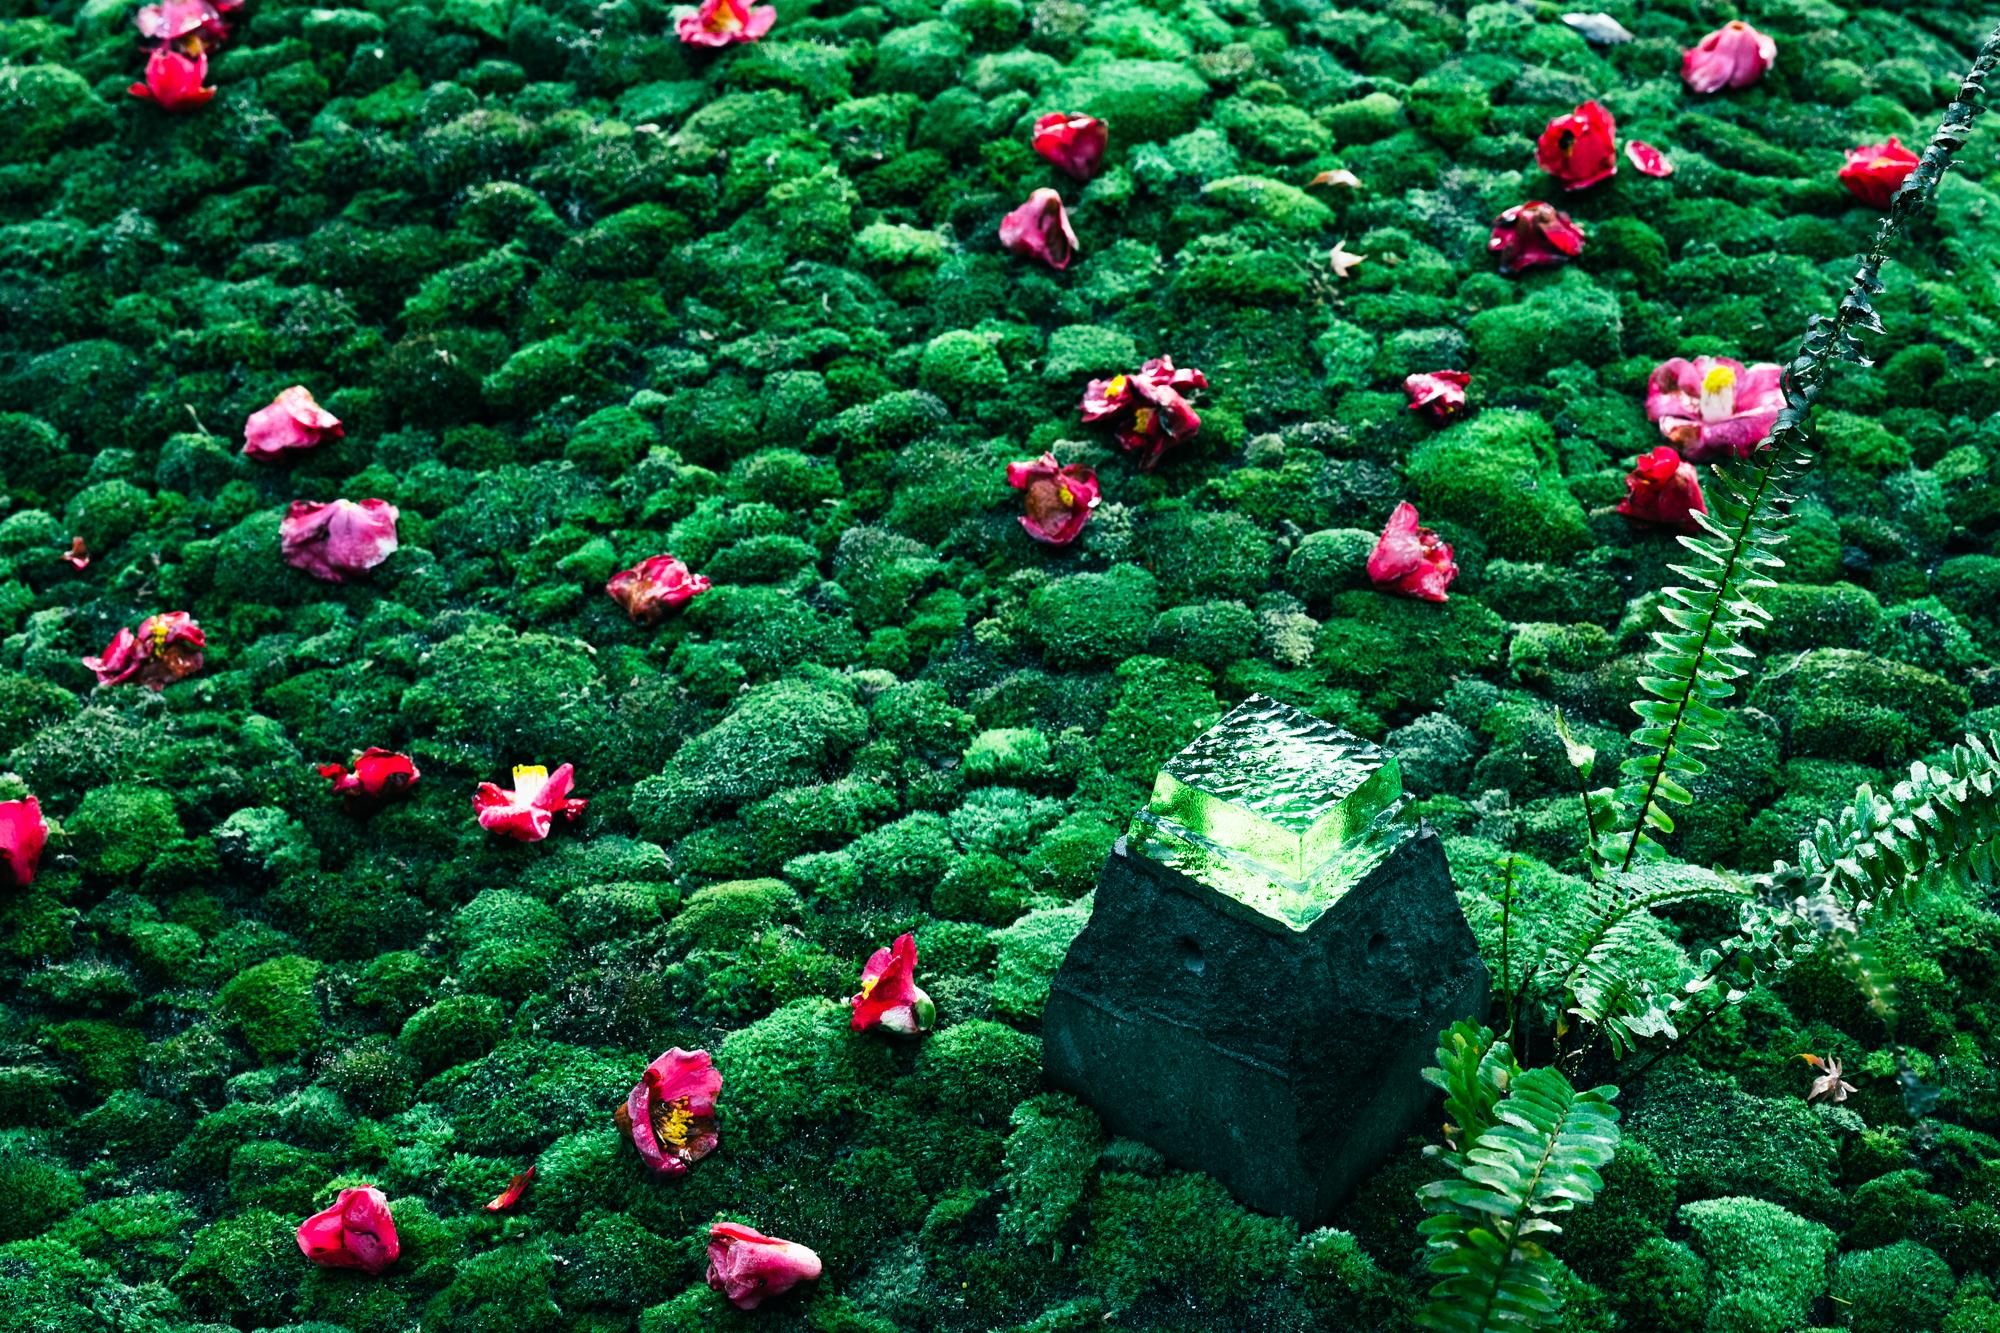 椿と苔と石燈ろう